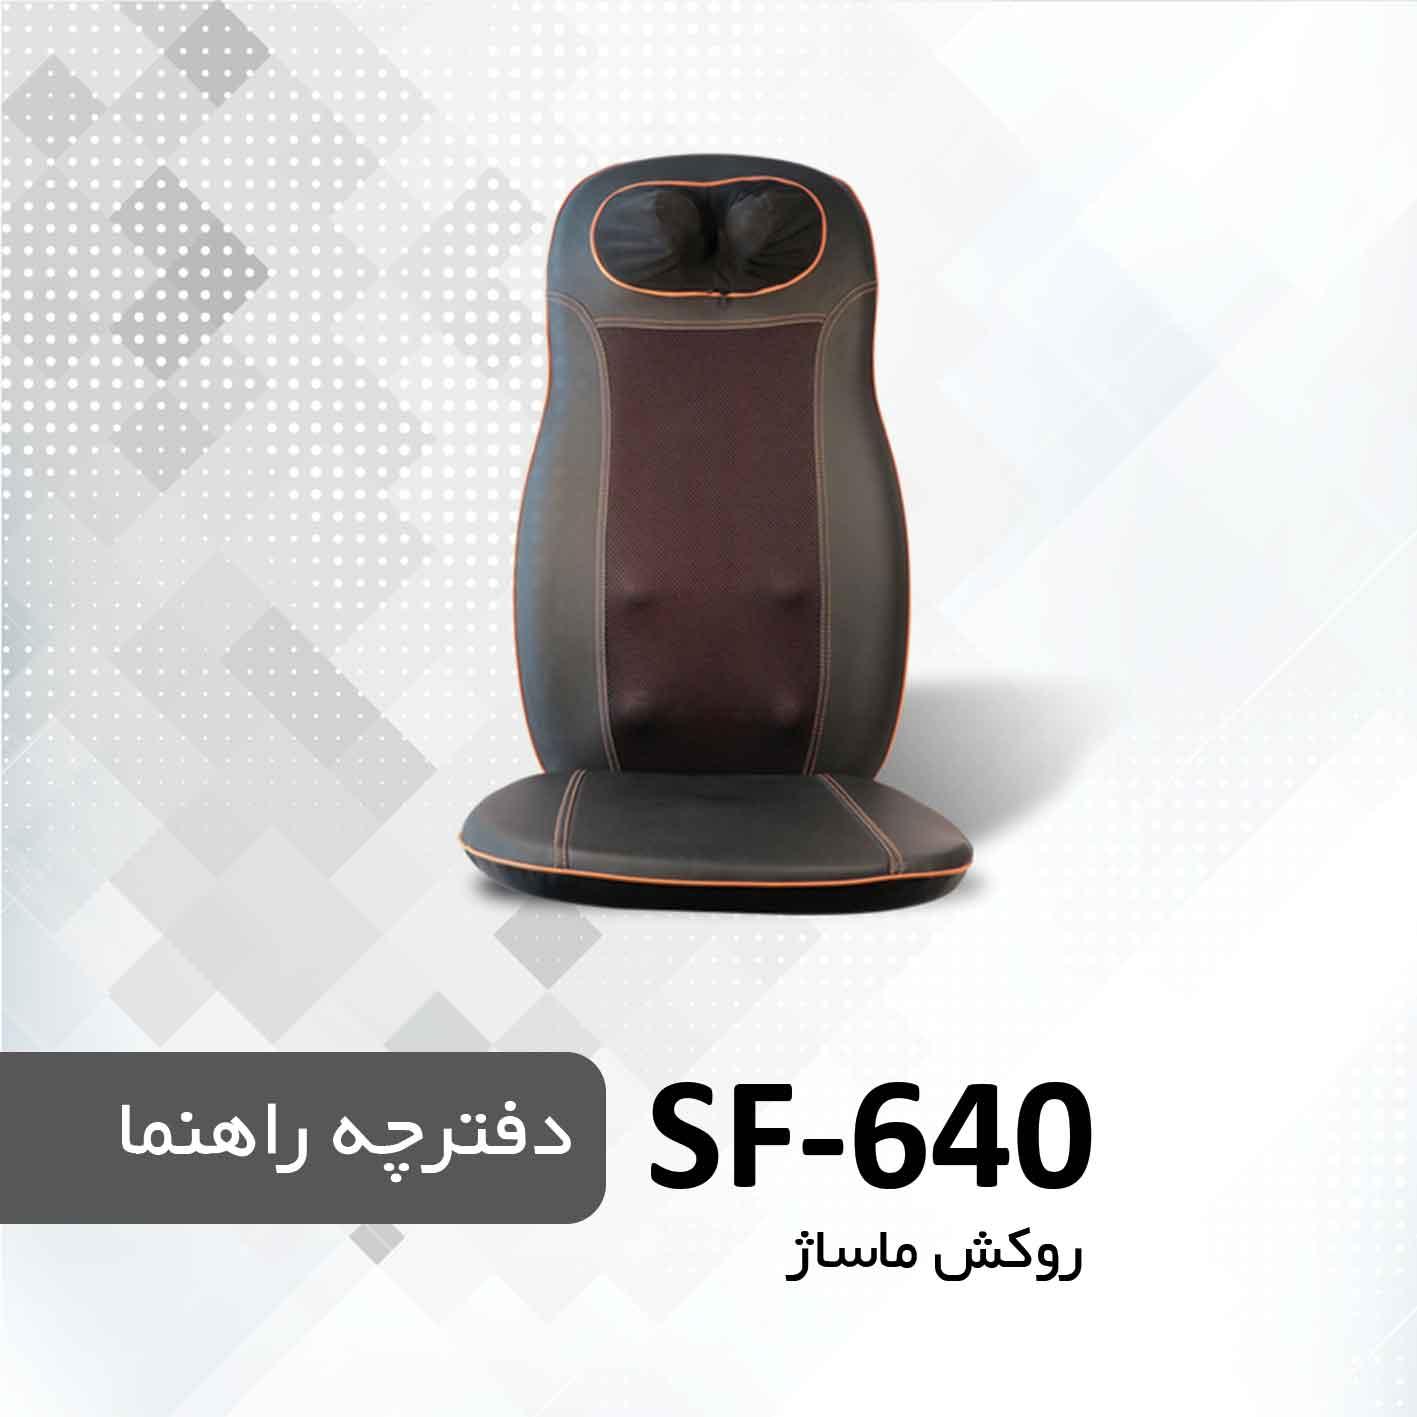 روکش ماساژ SF-640